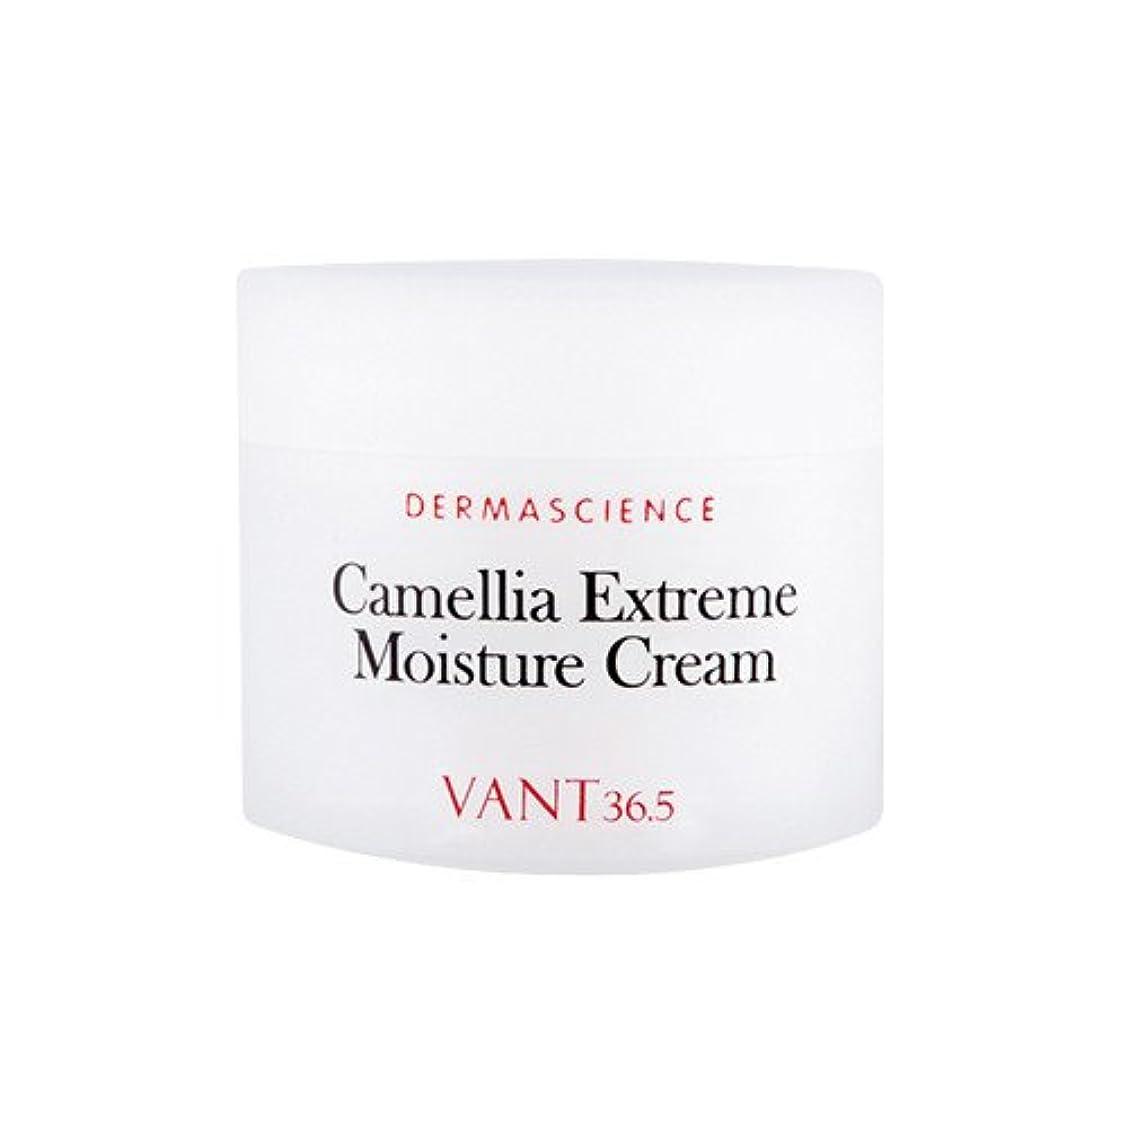 無効にする規範着飾るバント36.5(VANT36.5) カメリア イクストリーム モイスチャー クリーム?Camellia Extreme Moisture Cream